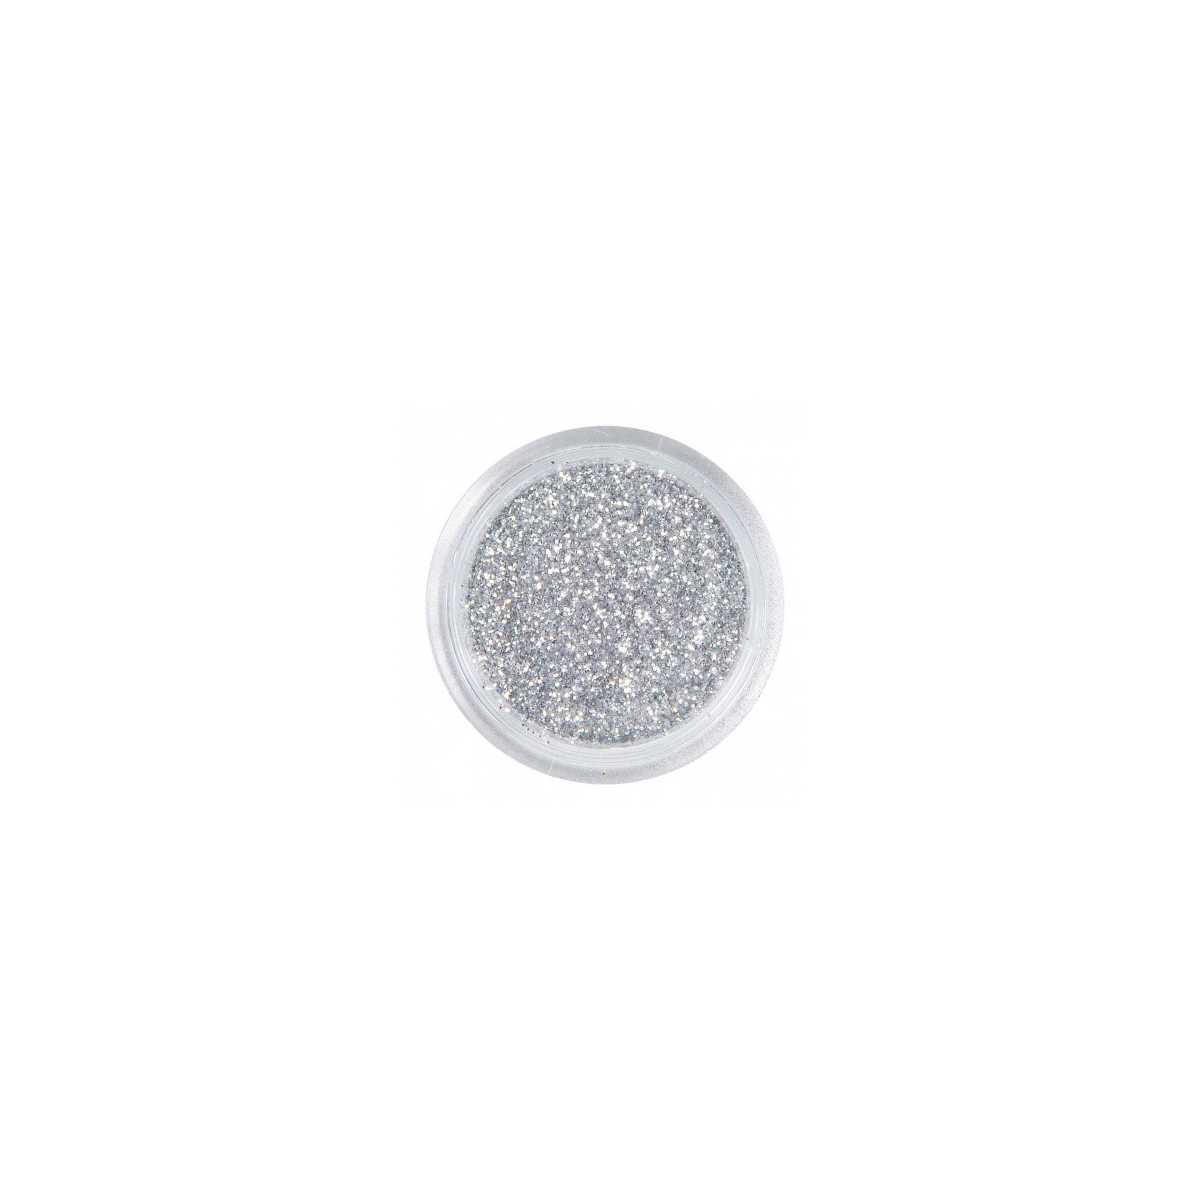 https://www.kit-manucure.com/1684-thickbox_default/paillettes-pour-ongles-paillettes-nail-art-argent.jpg